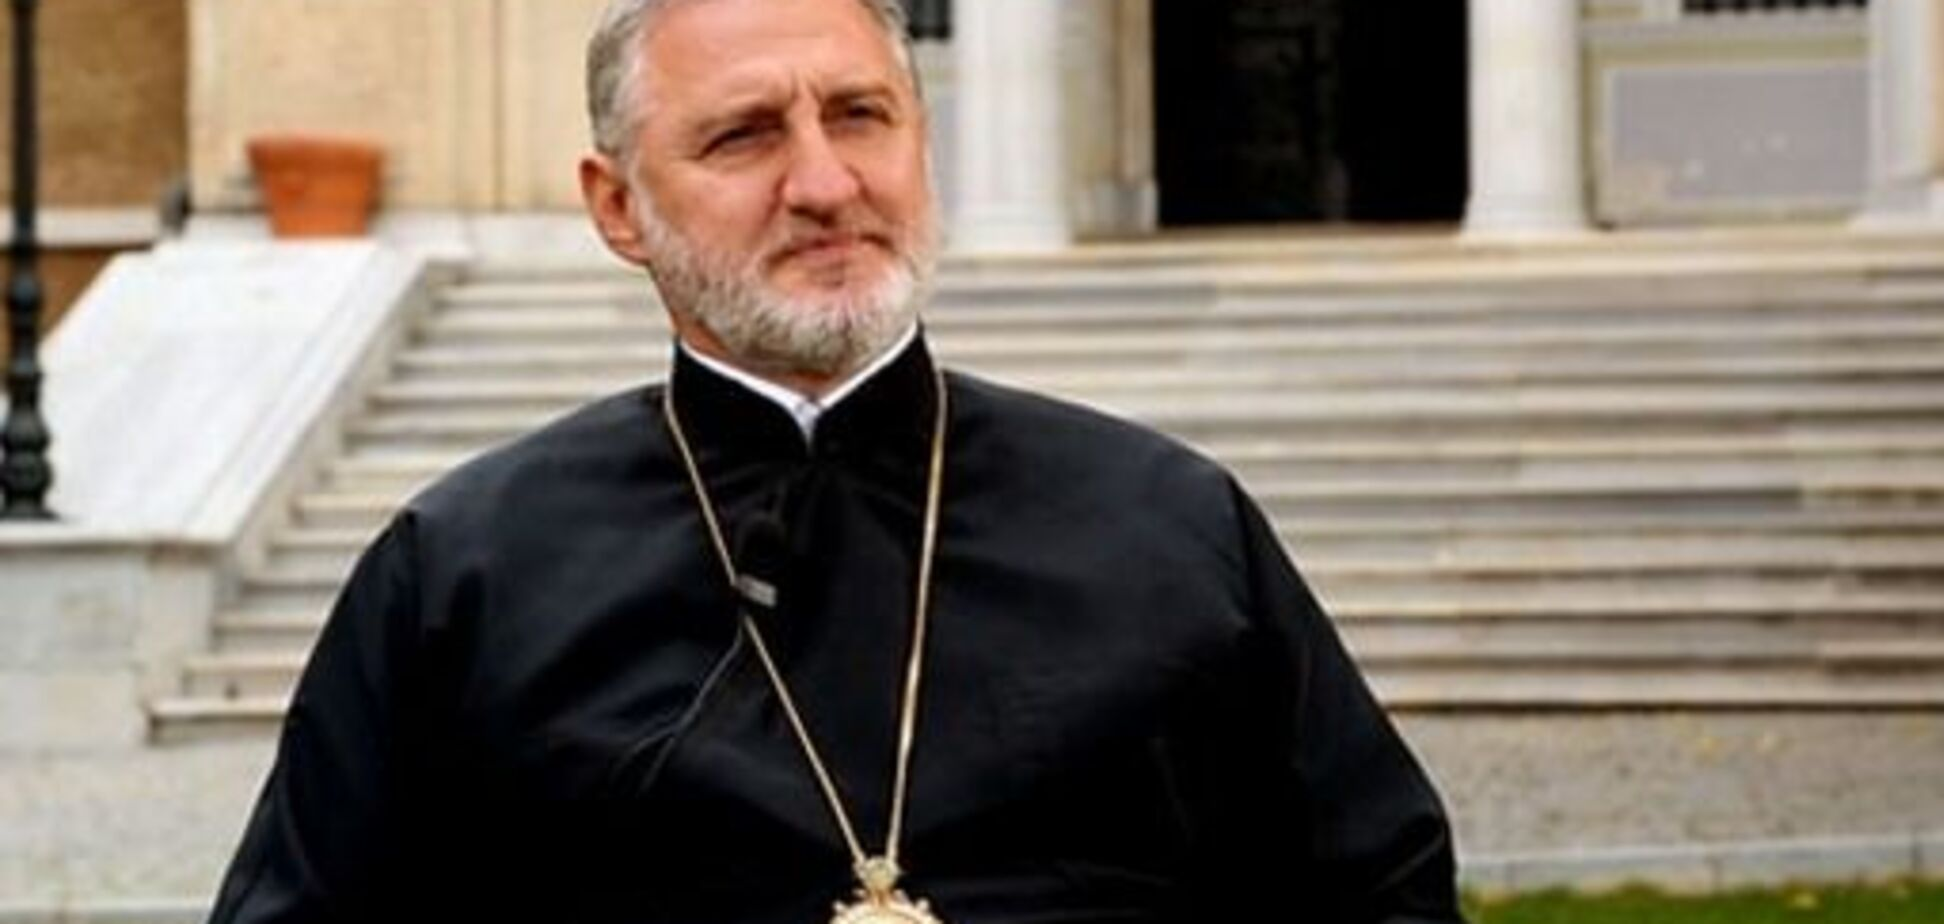 РосСМИ подловили на лжи об украинской церкви